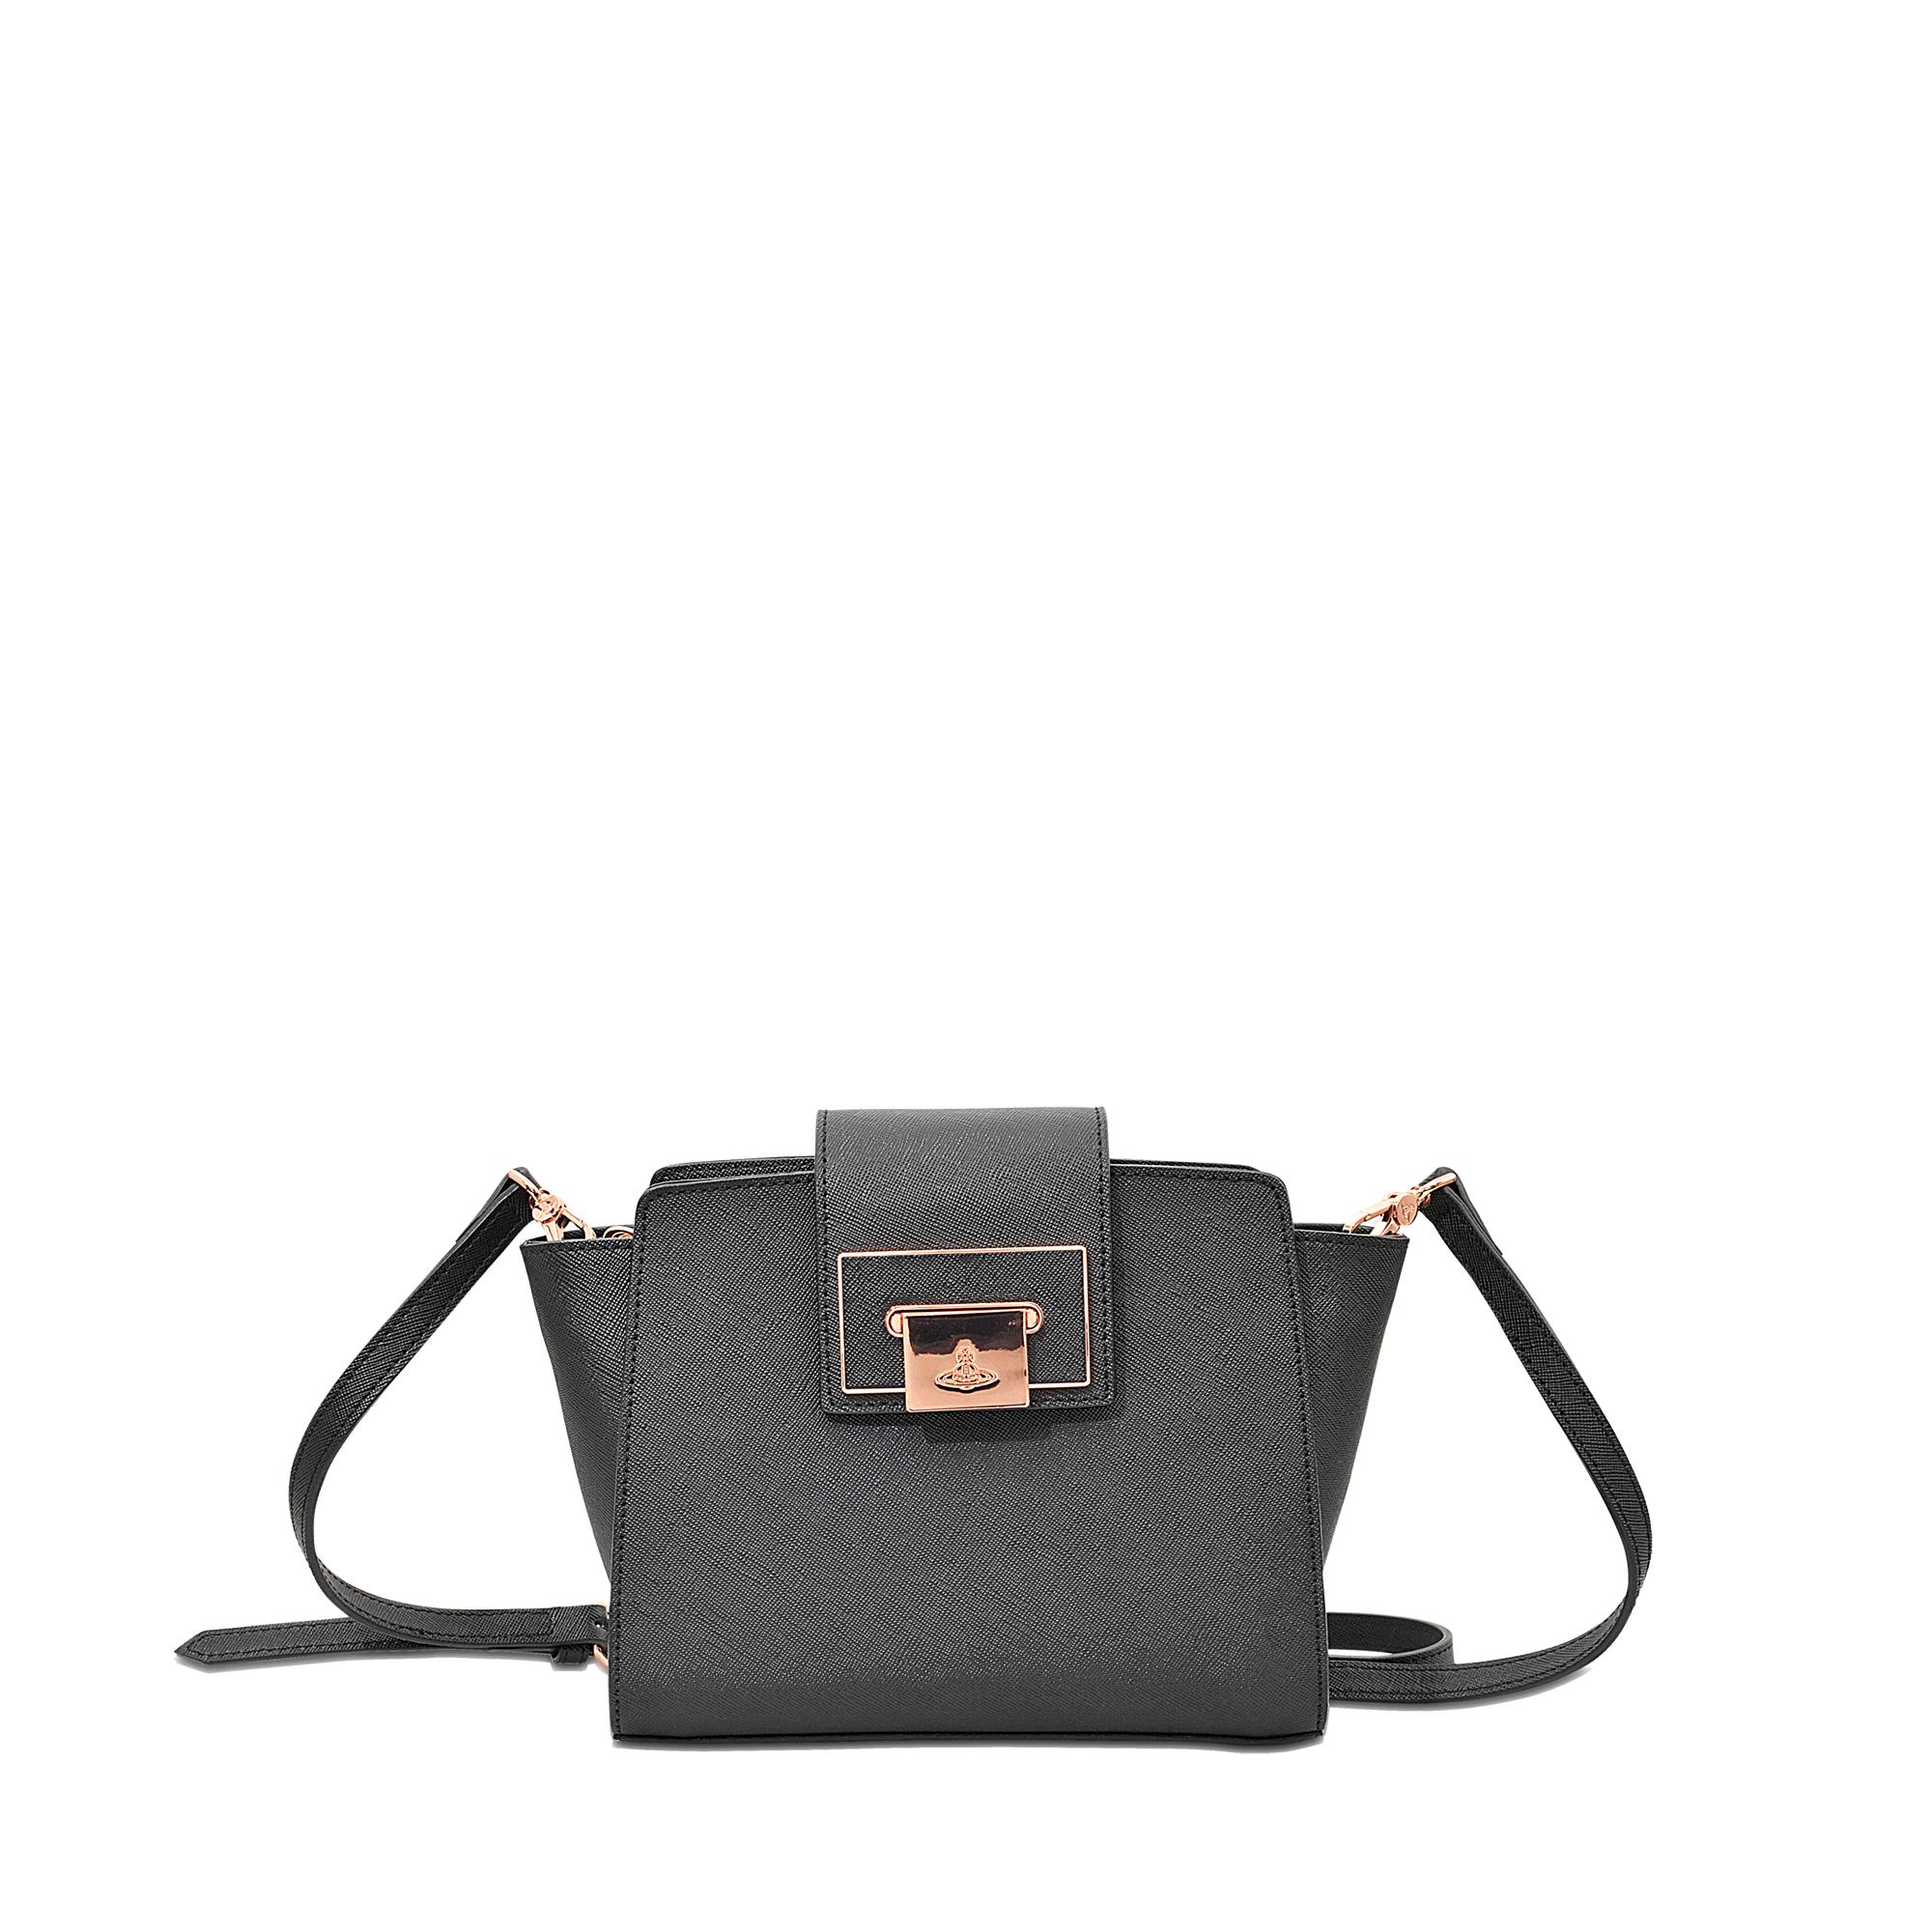 ffe3a2b86 Vivienne Westwood Opio Saffiano Crossbody Bag in Black - Lyst